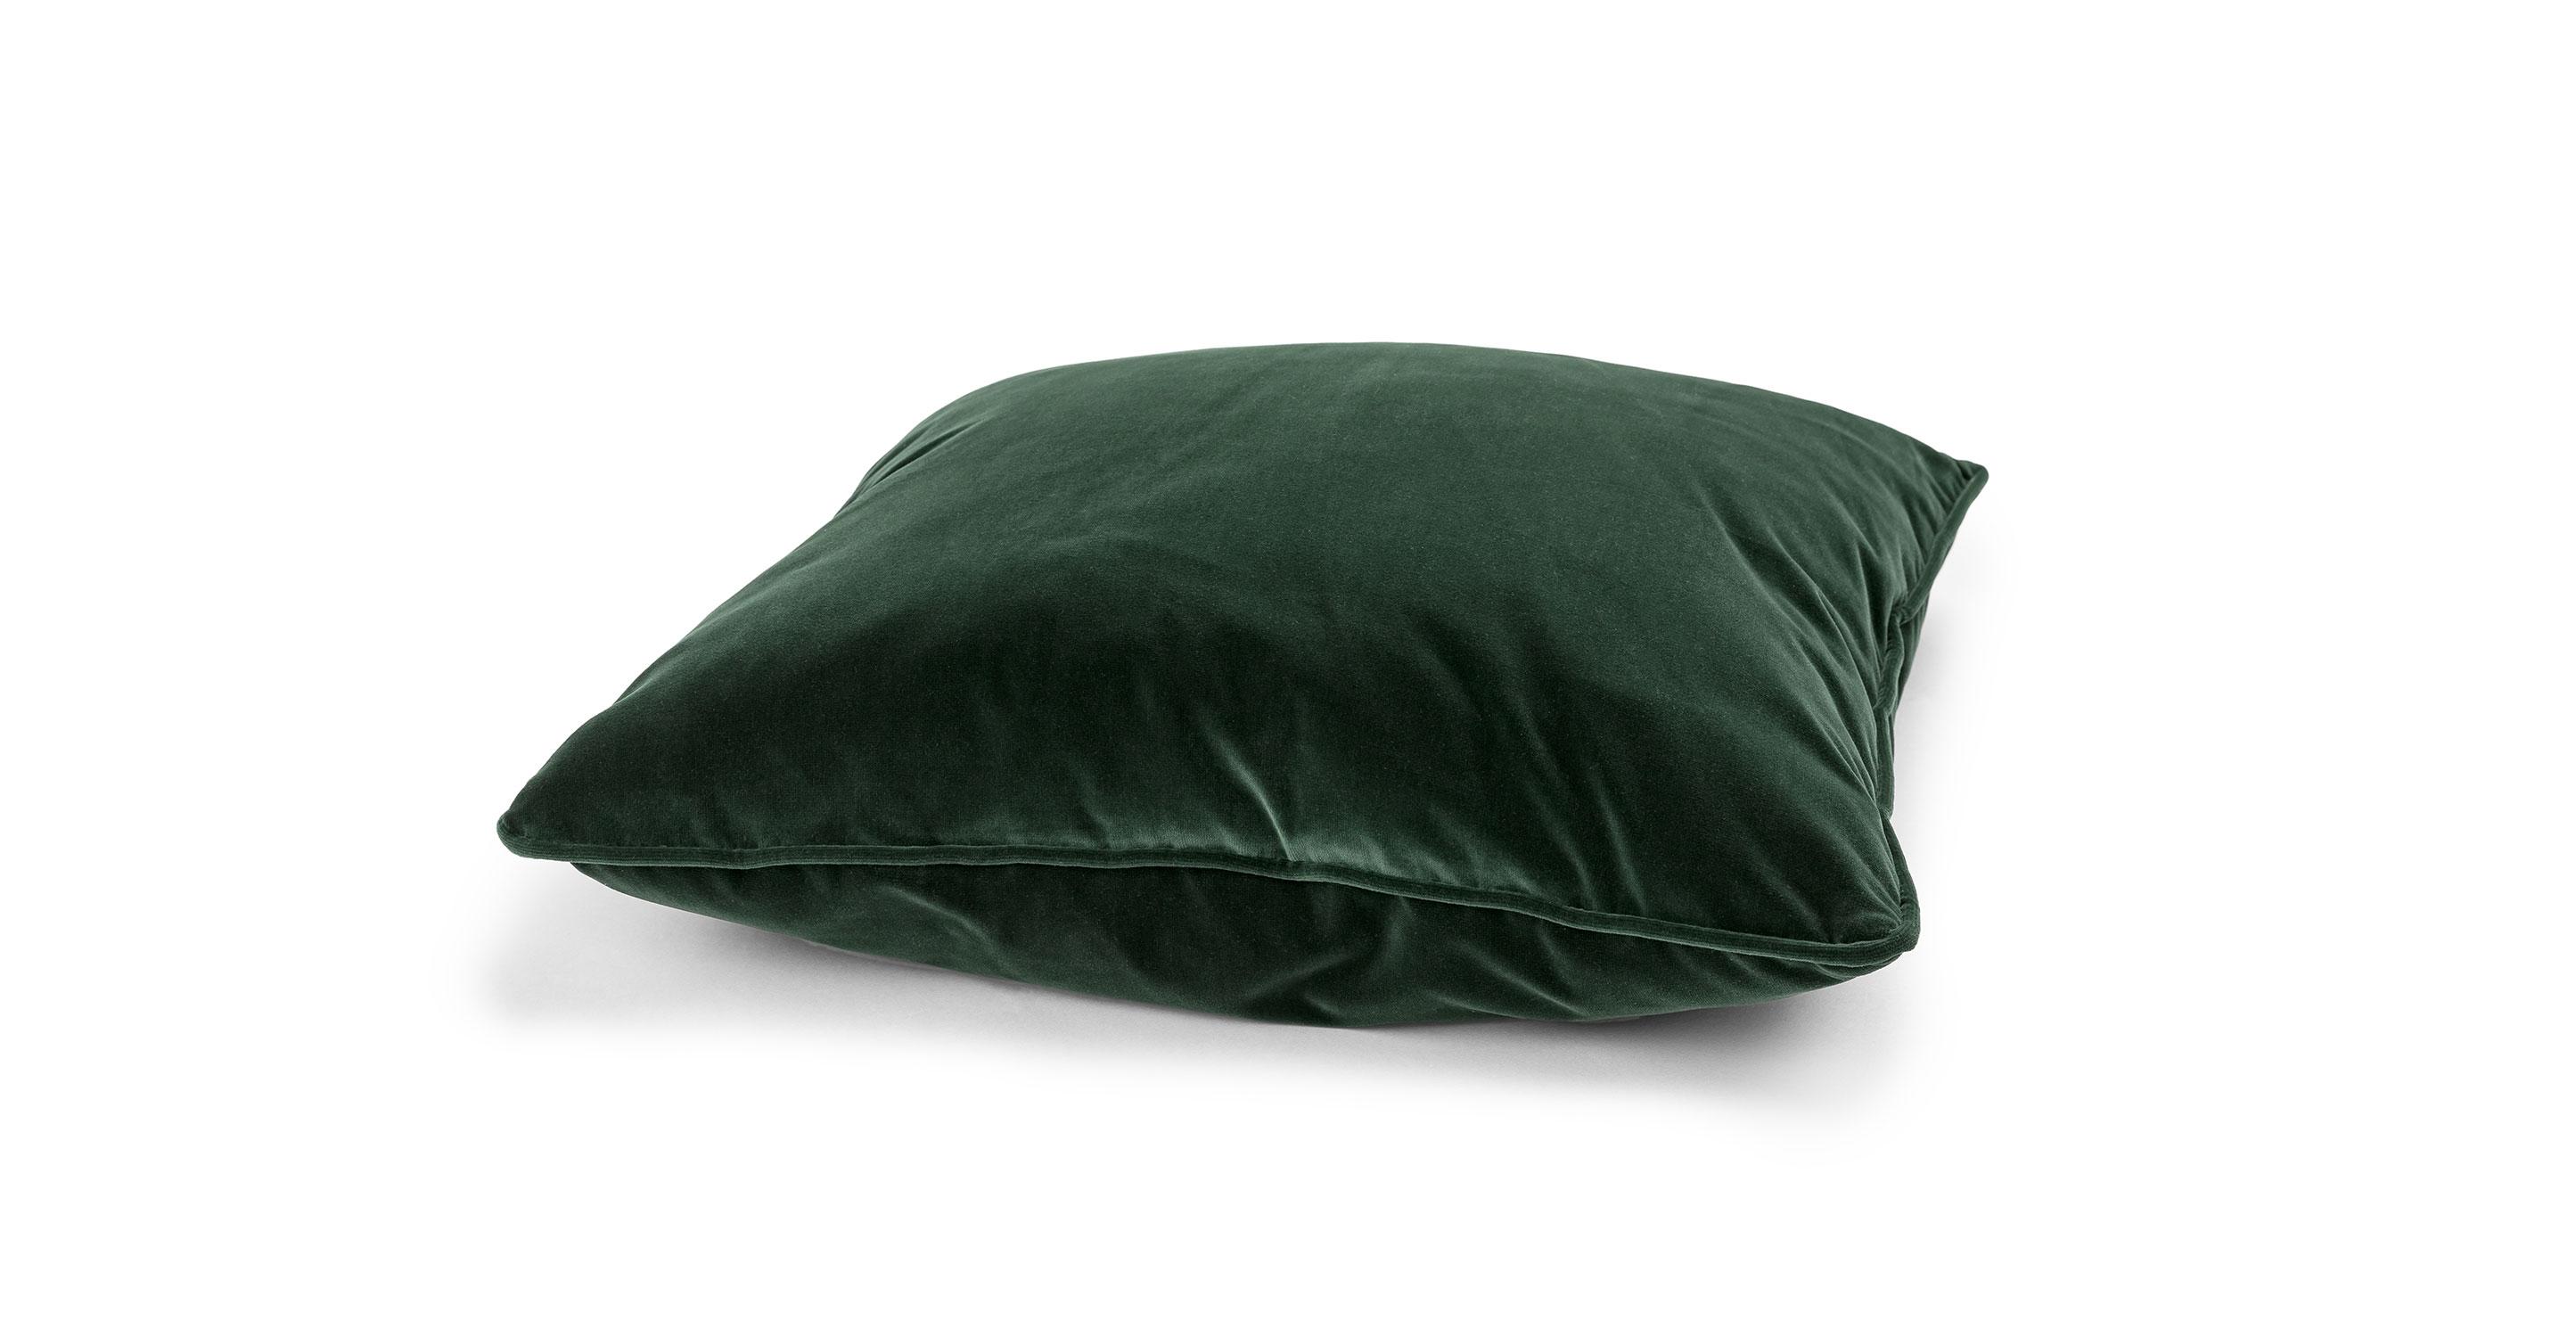 Lucca Balsam Green Pillow Set (Set of 2)